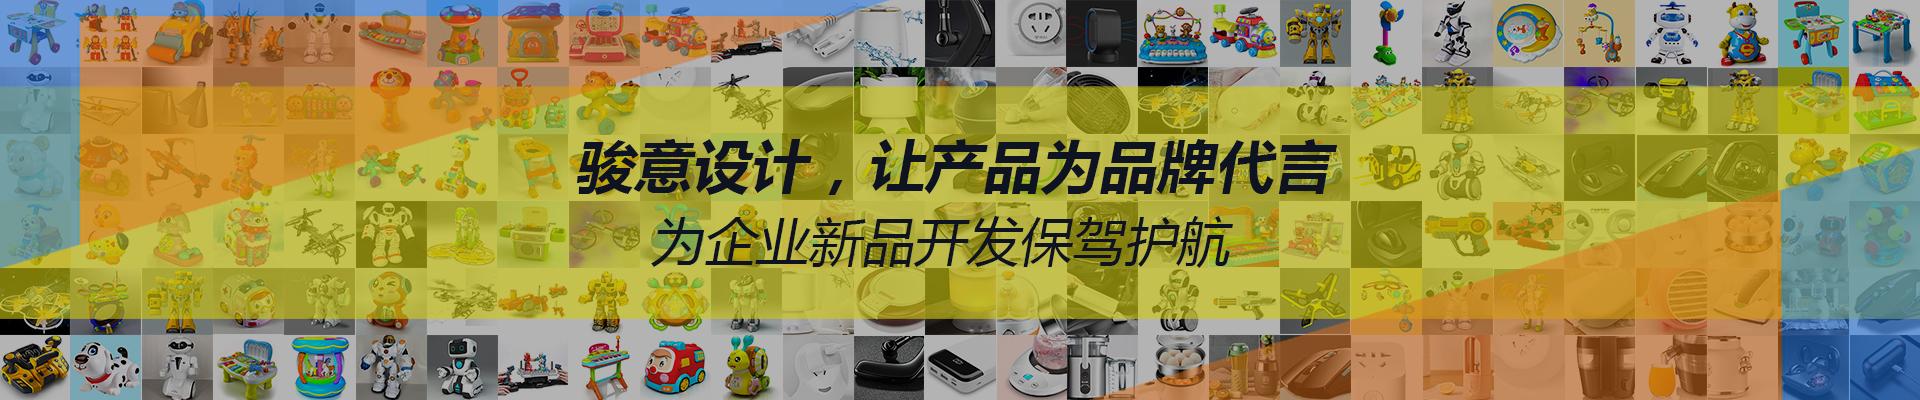 骏意设计,让产品为品牌代言